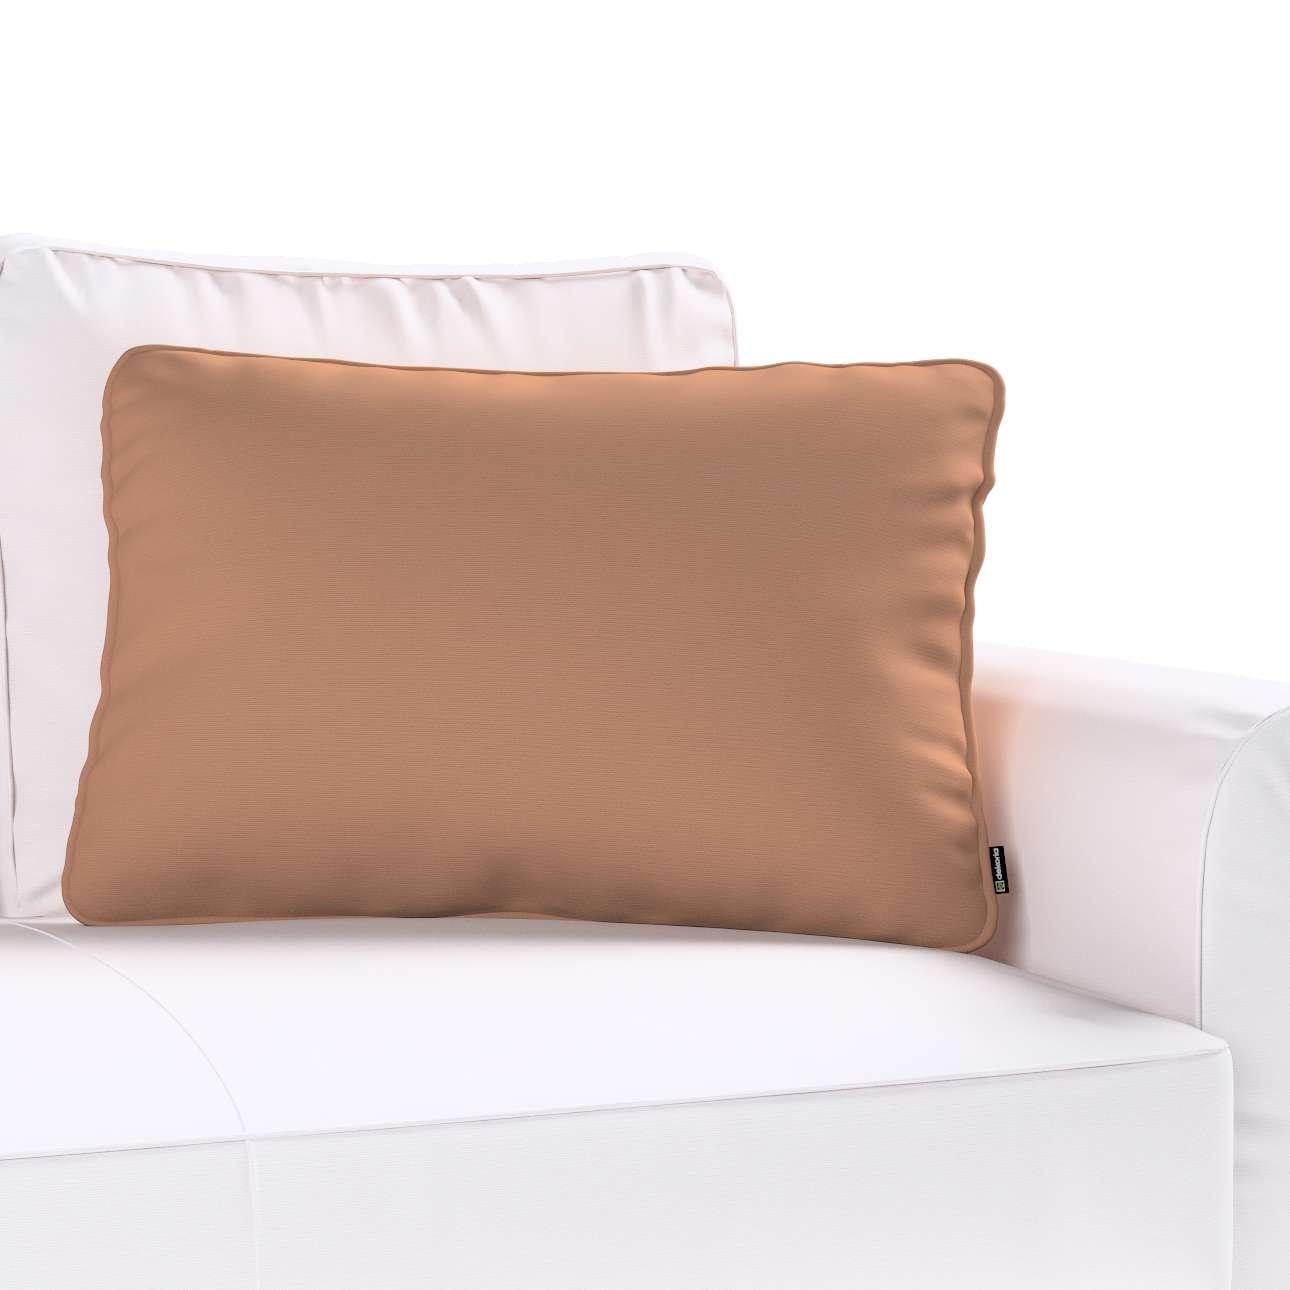 Poszewka Gabi na poduszkę prostokątna 60x40cm w kolekcji Cotton Panama, tkanina: 702-02